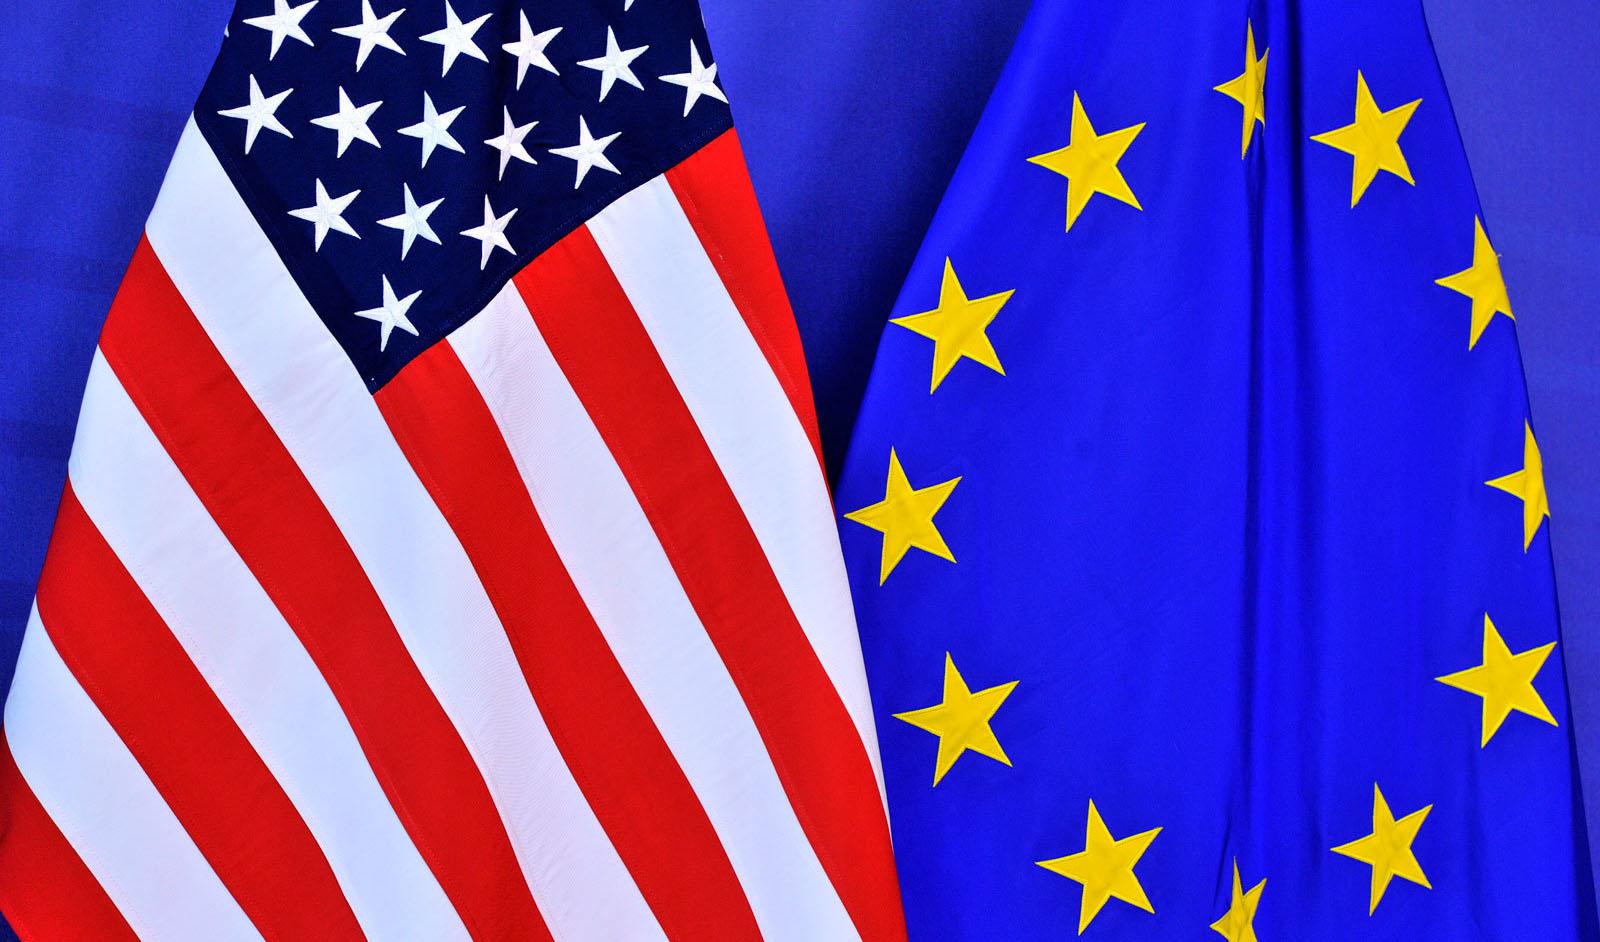 اقتصاد اروپا پس از پایان بحران کرونا از آمریکا پیشی میگیرد